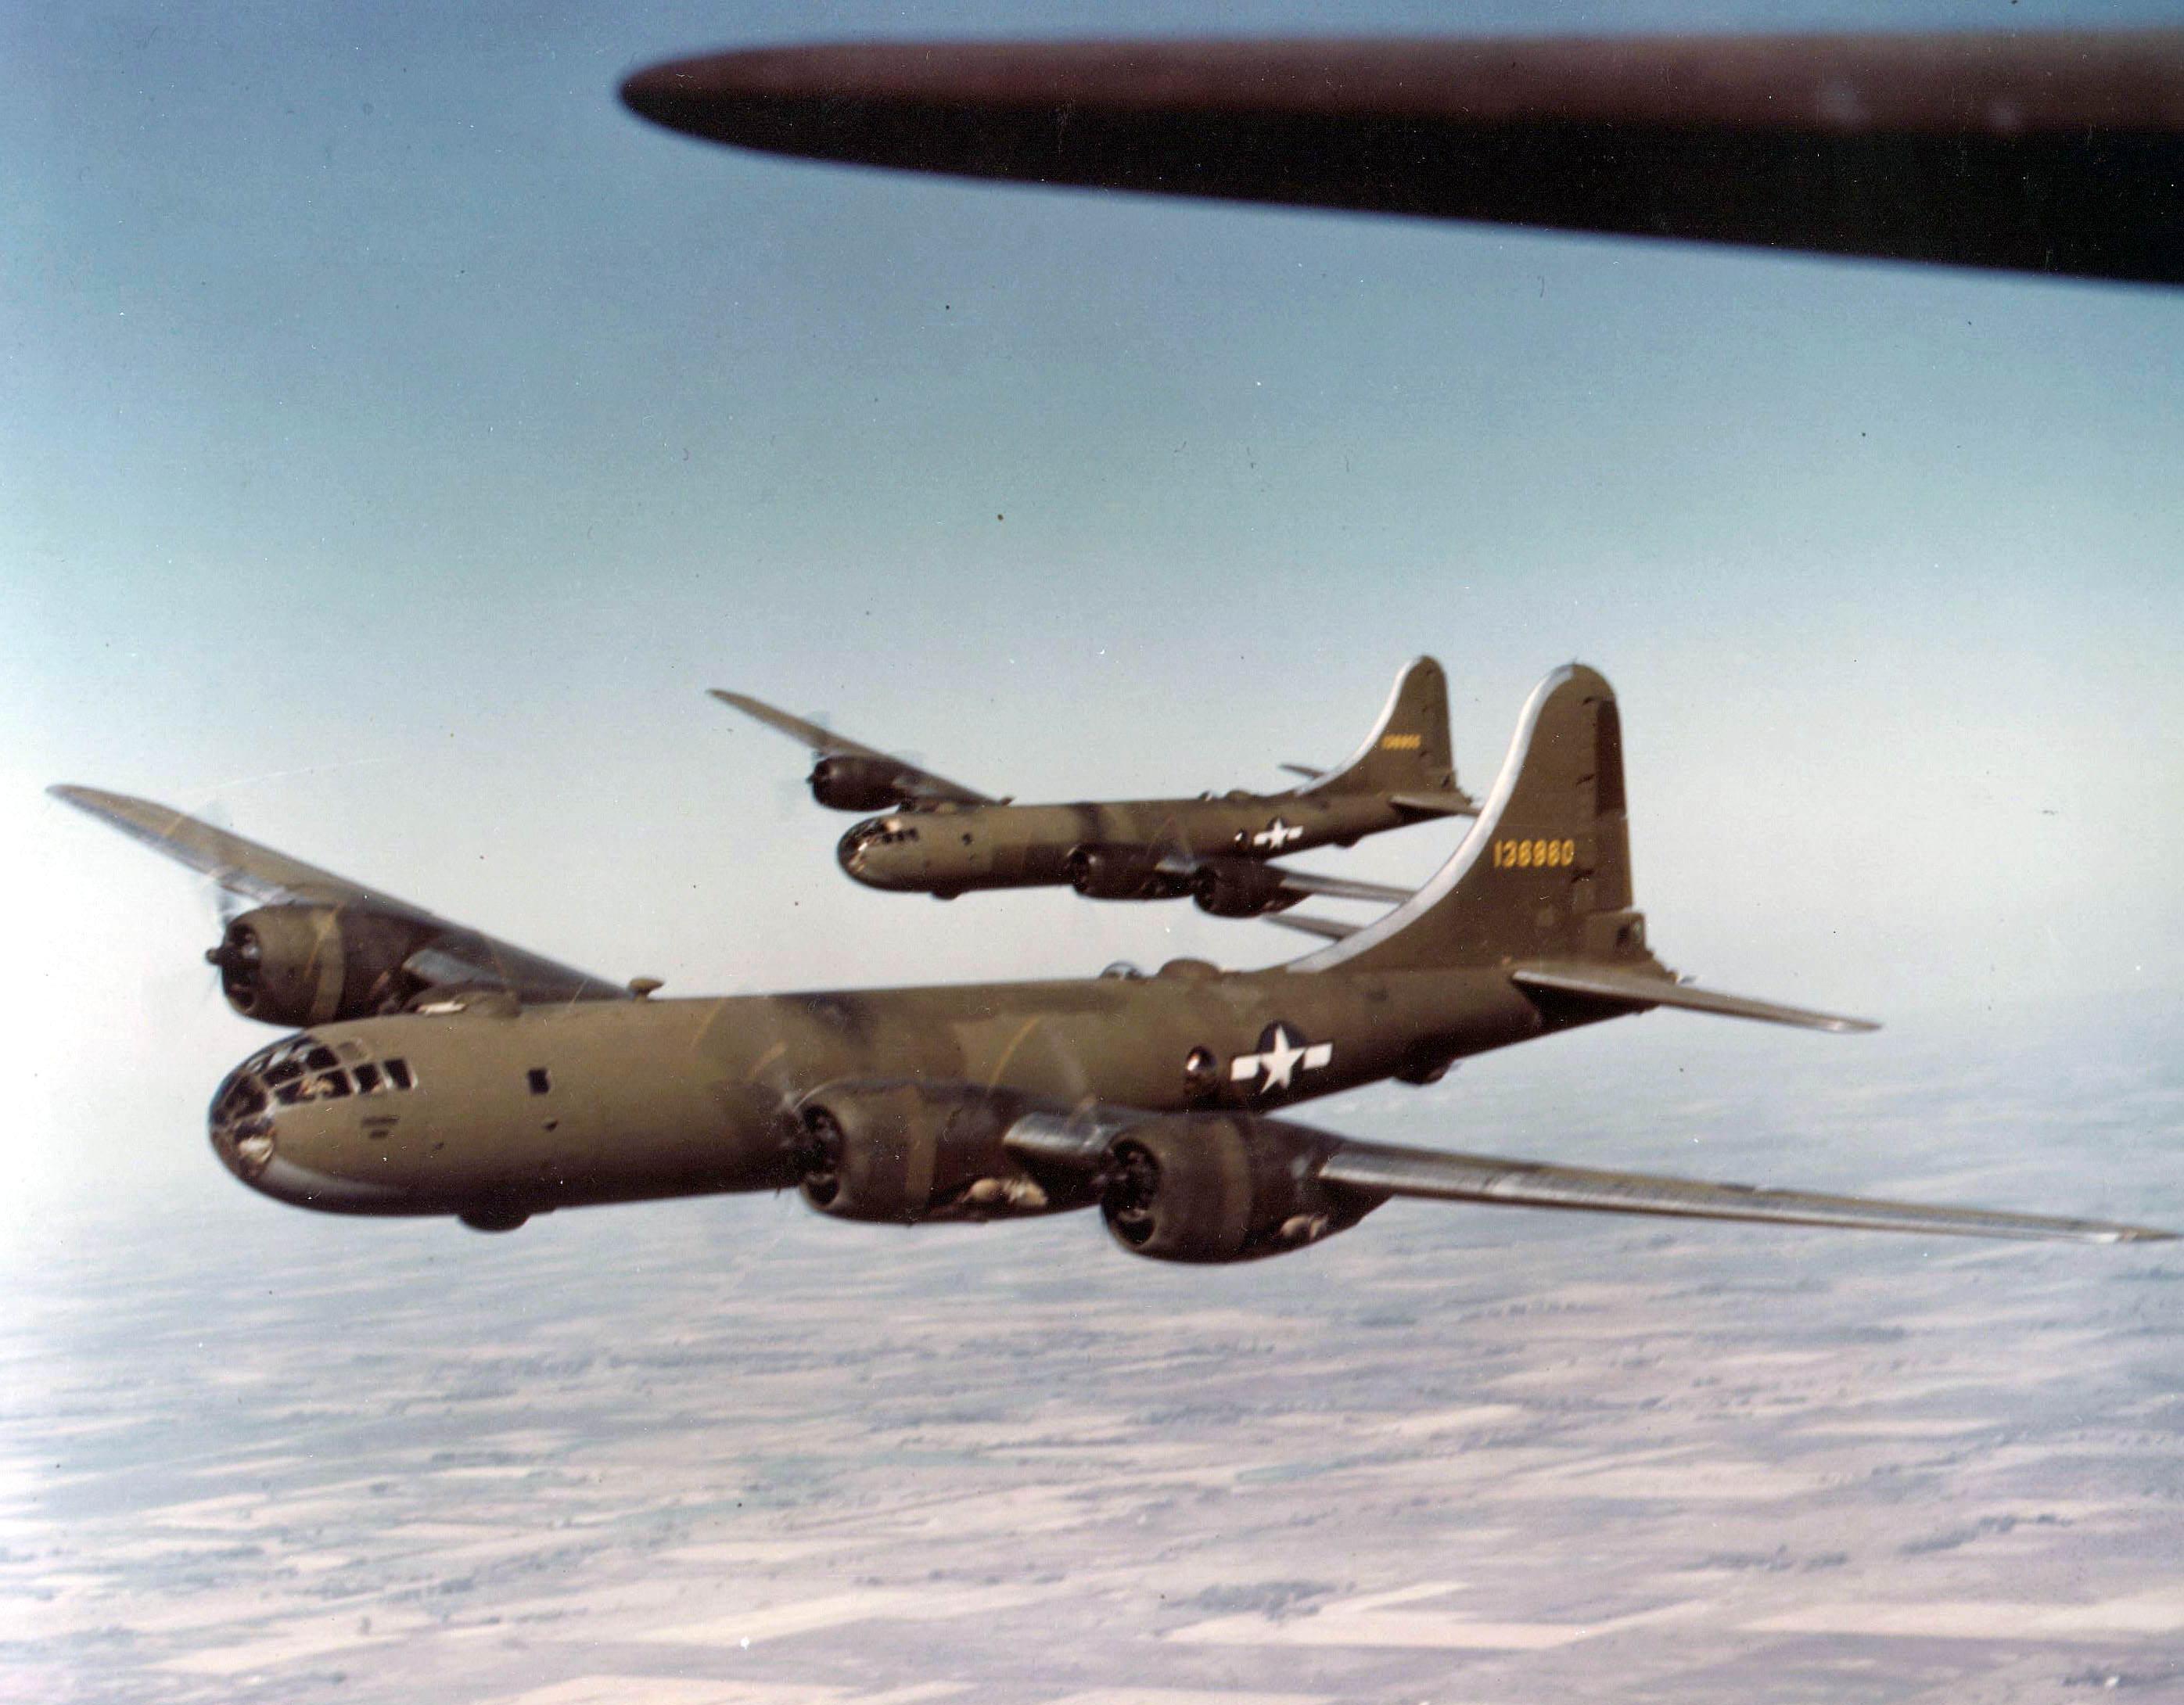 Olive drab painted B 29 superfortress - Une photo rare de deux B-29 aux couleurs Olivre Drab.